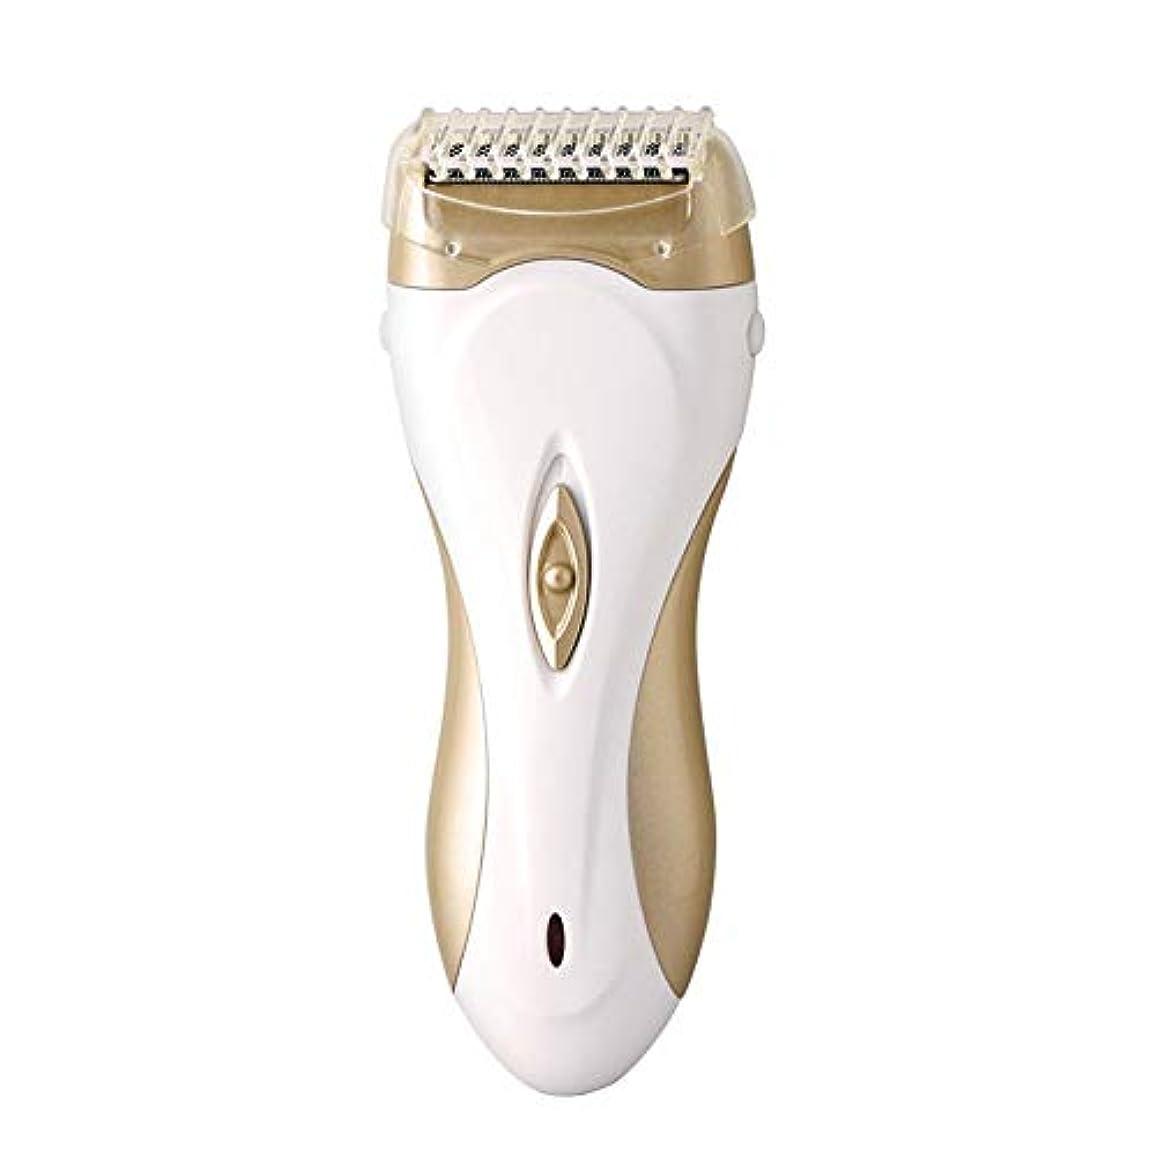 裕福な歌手満足脱毛器、女性コードレス携帯用電気脱毛器、女性の腕脇の下チンビキニ脚用充電式脱毛 (Color : Gold)